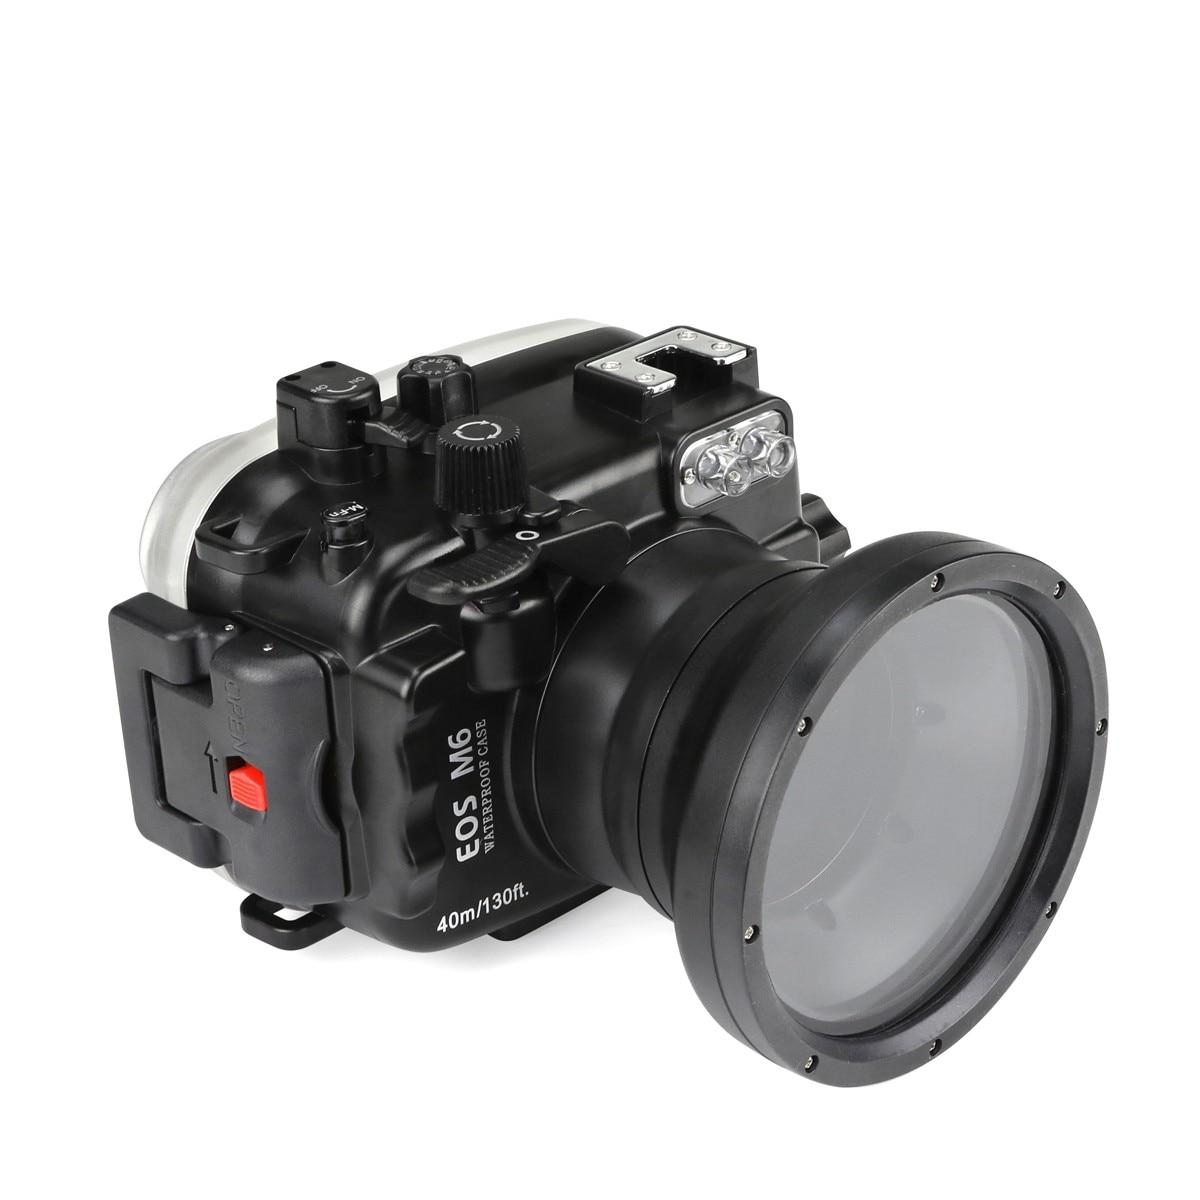 Boîtier étanche pour appareil photo sous-marin de 40 m/130ft pour objectif Canon EOS M6 (18-55 MM)